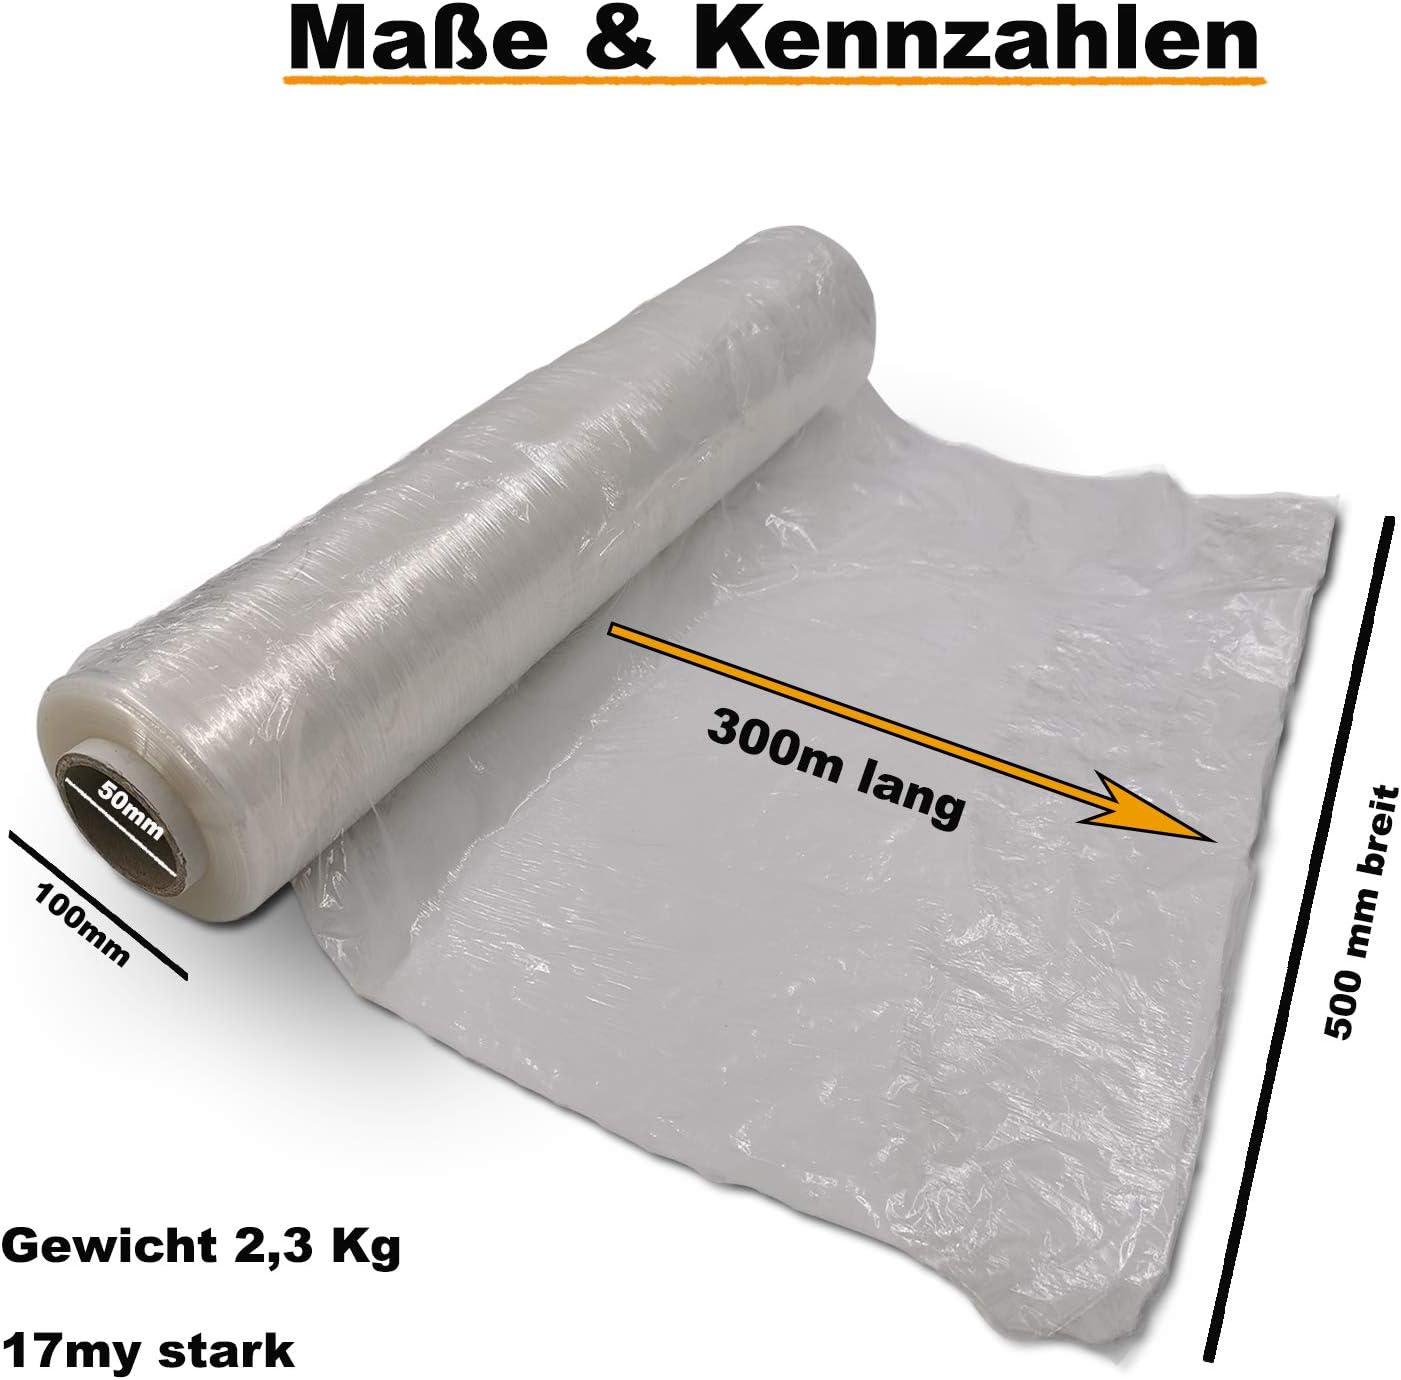 3 x Rollen Stretchfolie Palettenfolie Verpackungsfolie 20 my transparent STARK